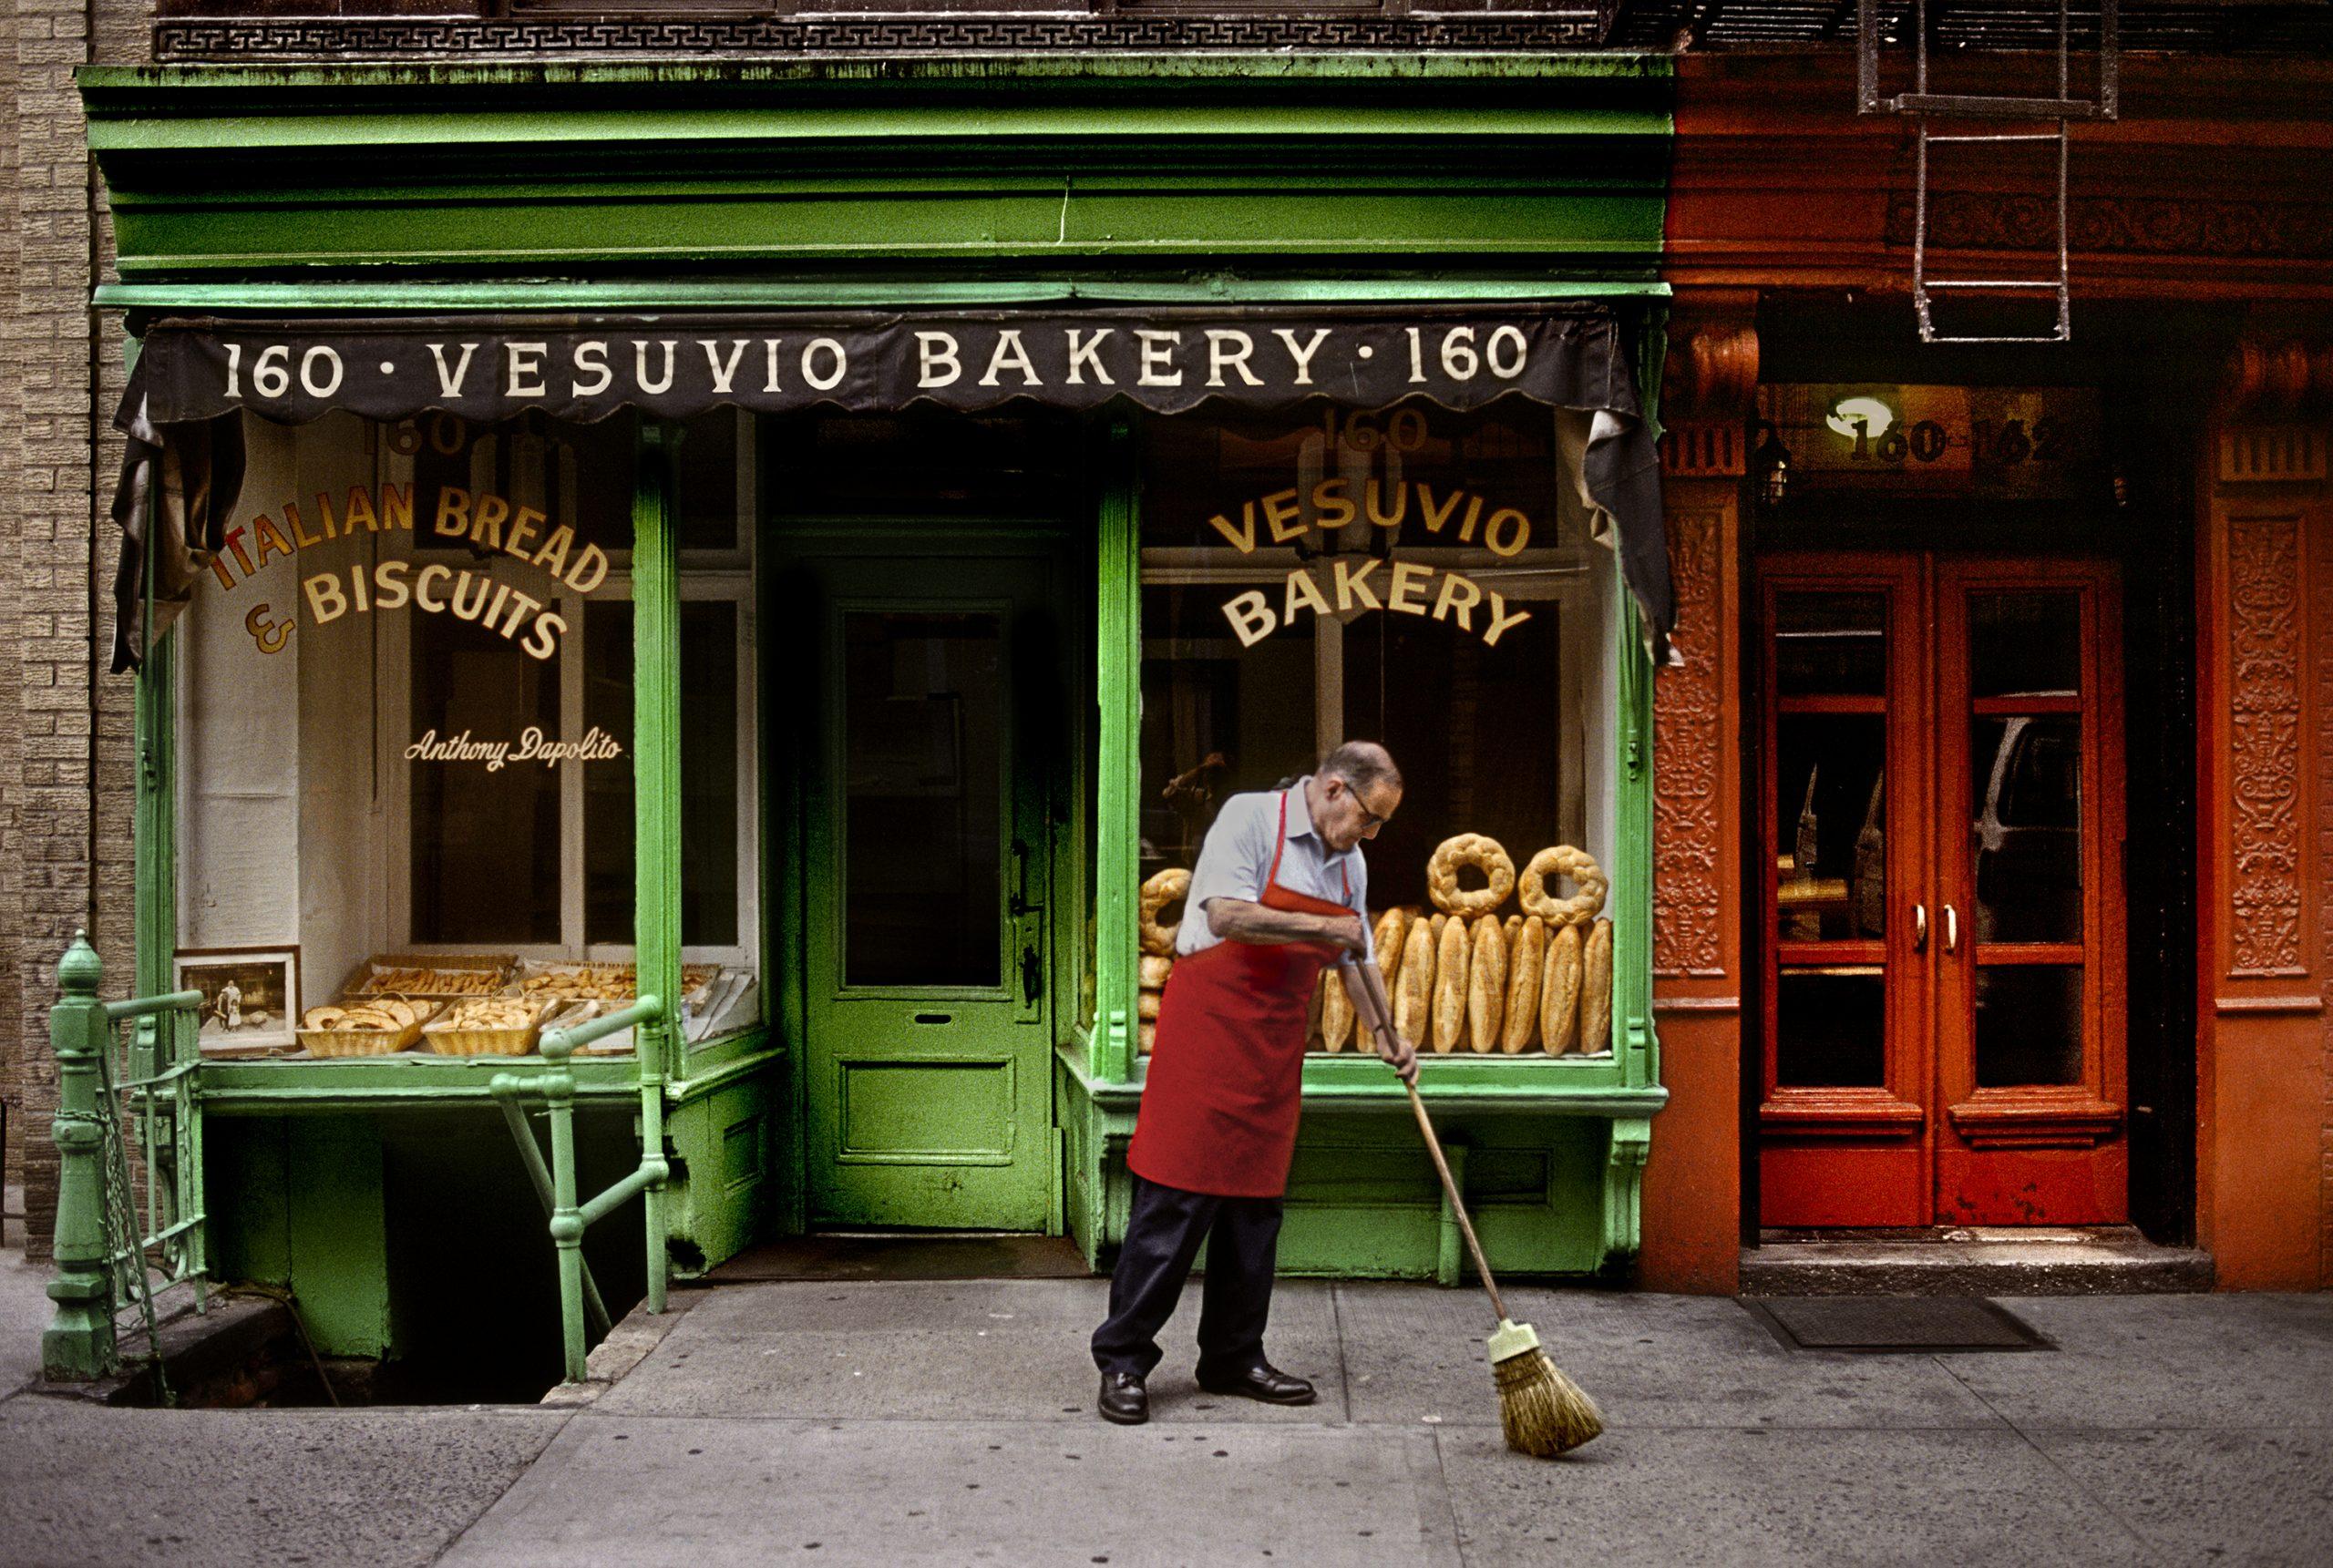 美国纽约市史蒂夫·麦卡里(Steve McCurry)的彩色照片,在意大利面包店外的大街上清扫的人。